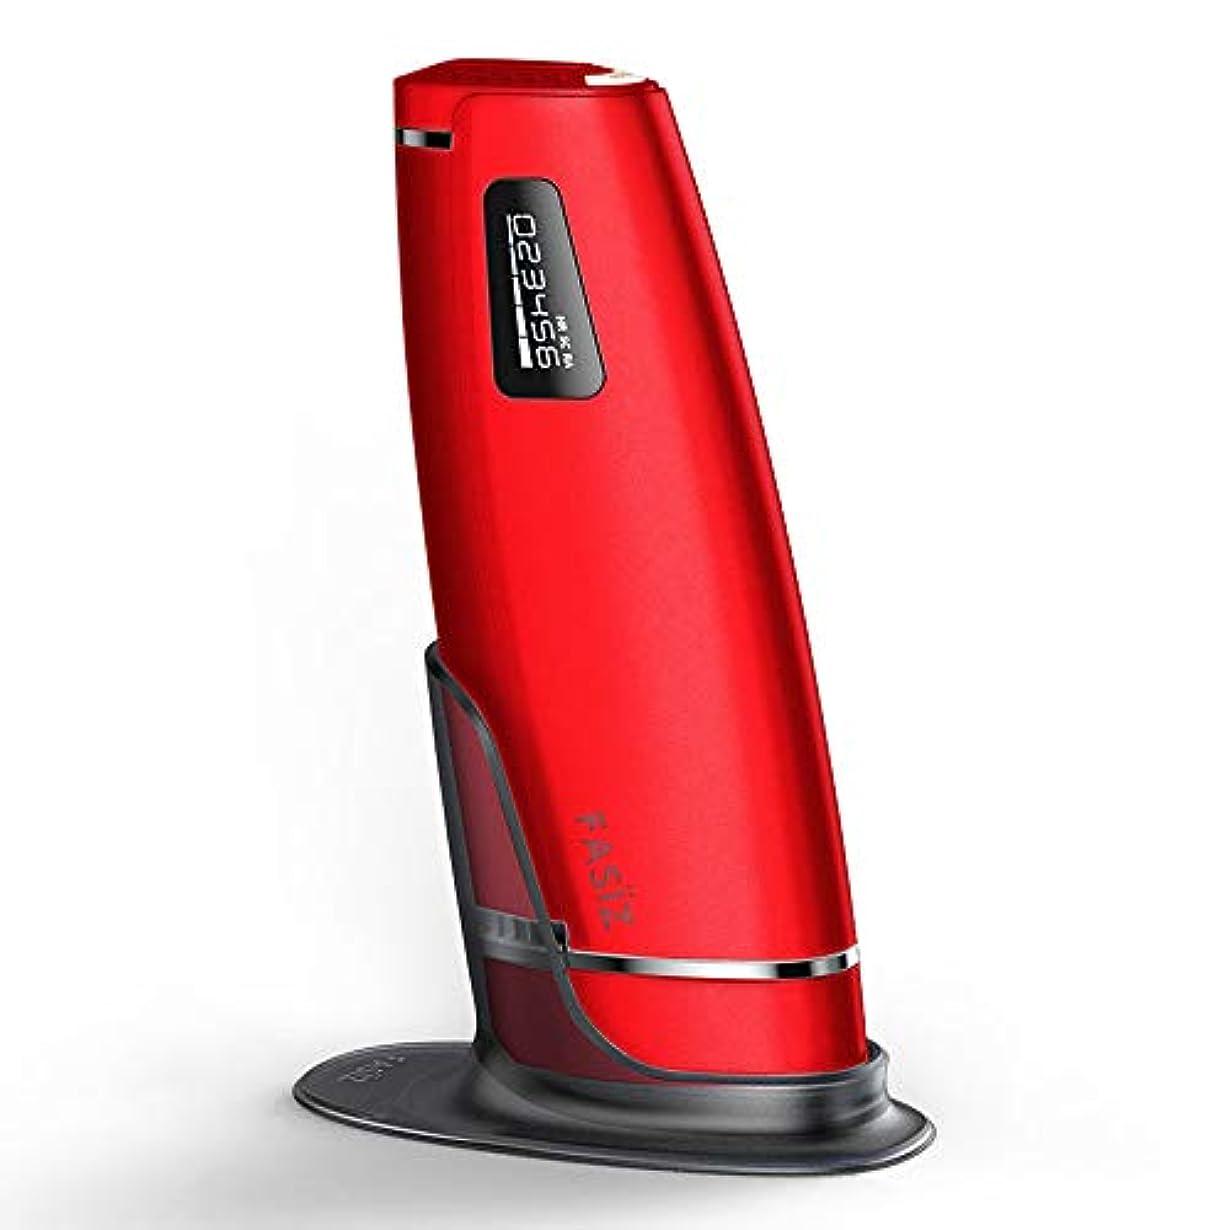 判読できない請負業者強調FASIZ 脱毛器 光美容器 シルクエキスパート家庭用脱毛器 IPL技術 肌に優しい45万回照射 15万回美肌 全身用 (レッド)